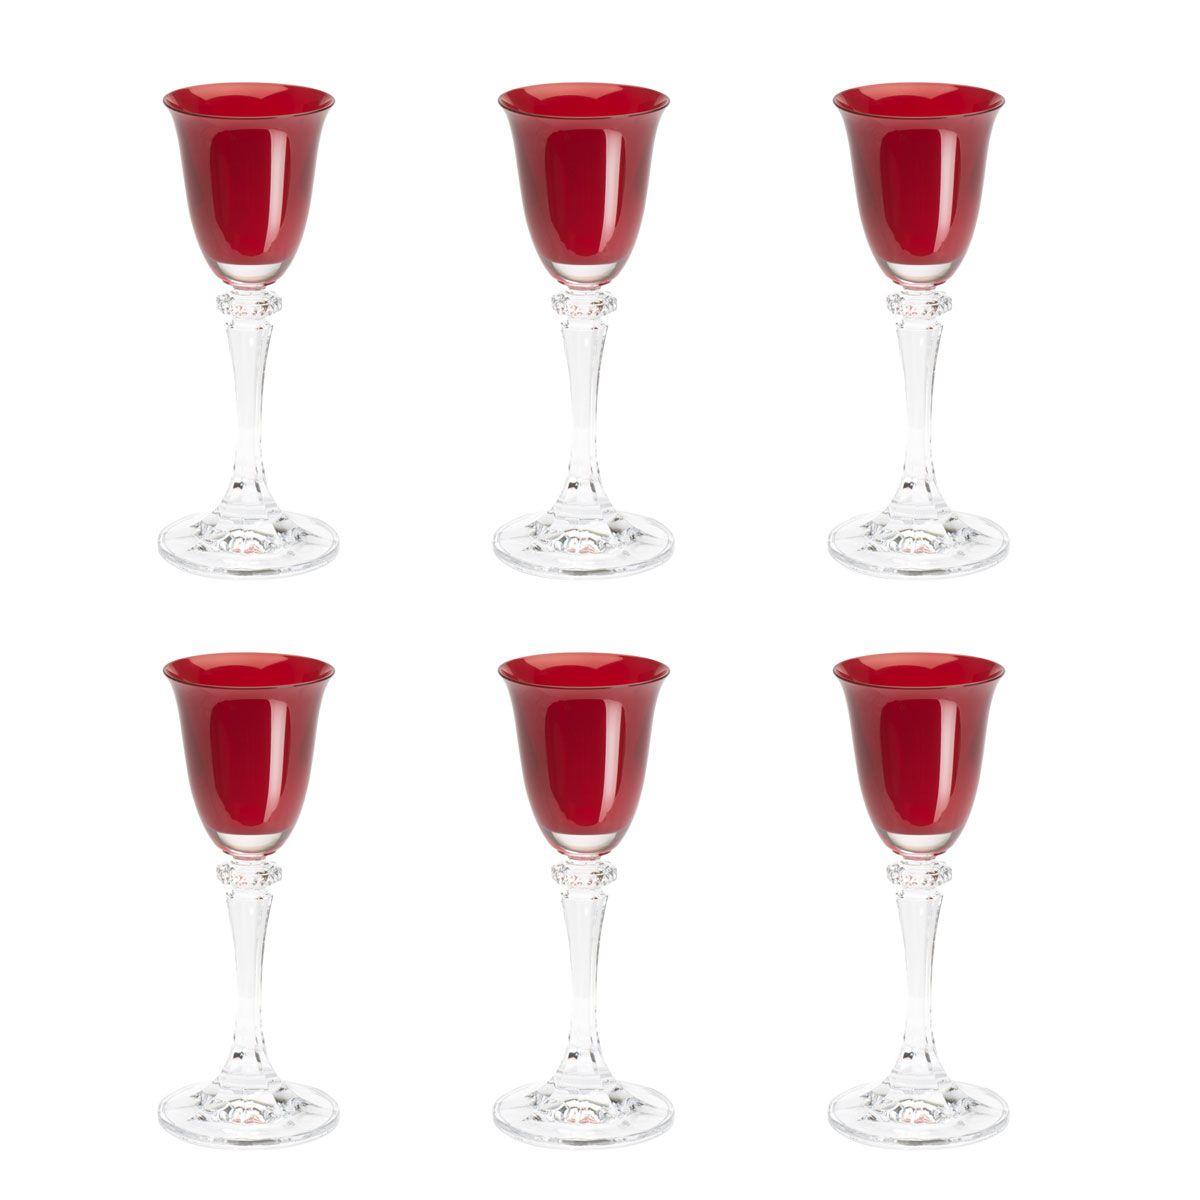 Jogo 6 taças 50ml para licor de cristal vermelho Kleopatra/Branta Bohemia - 5959